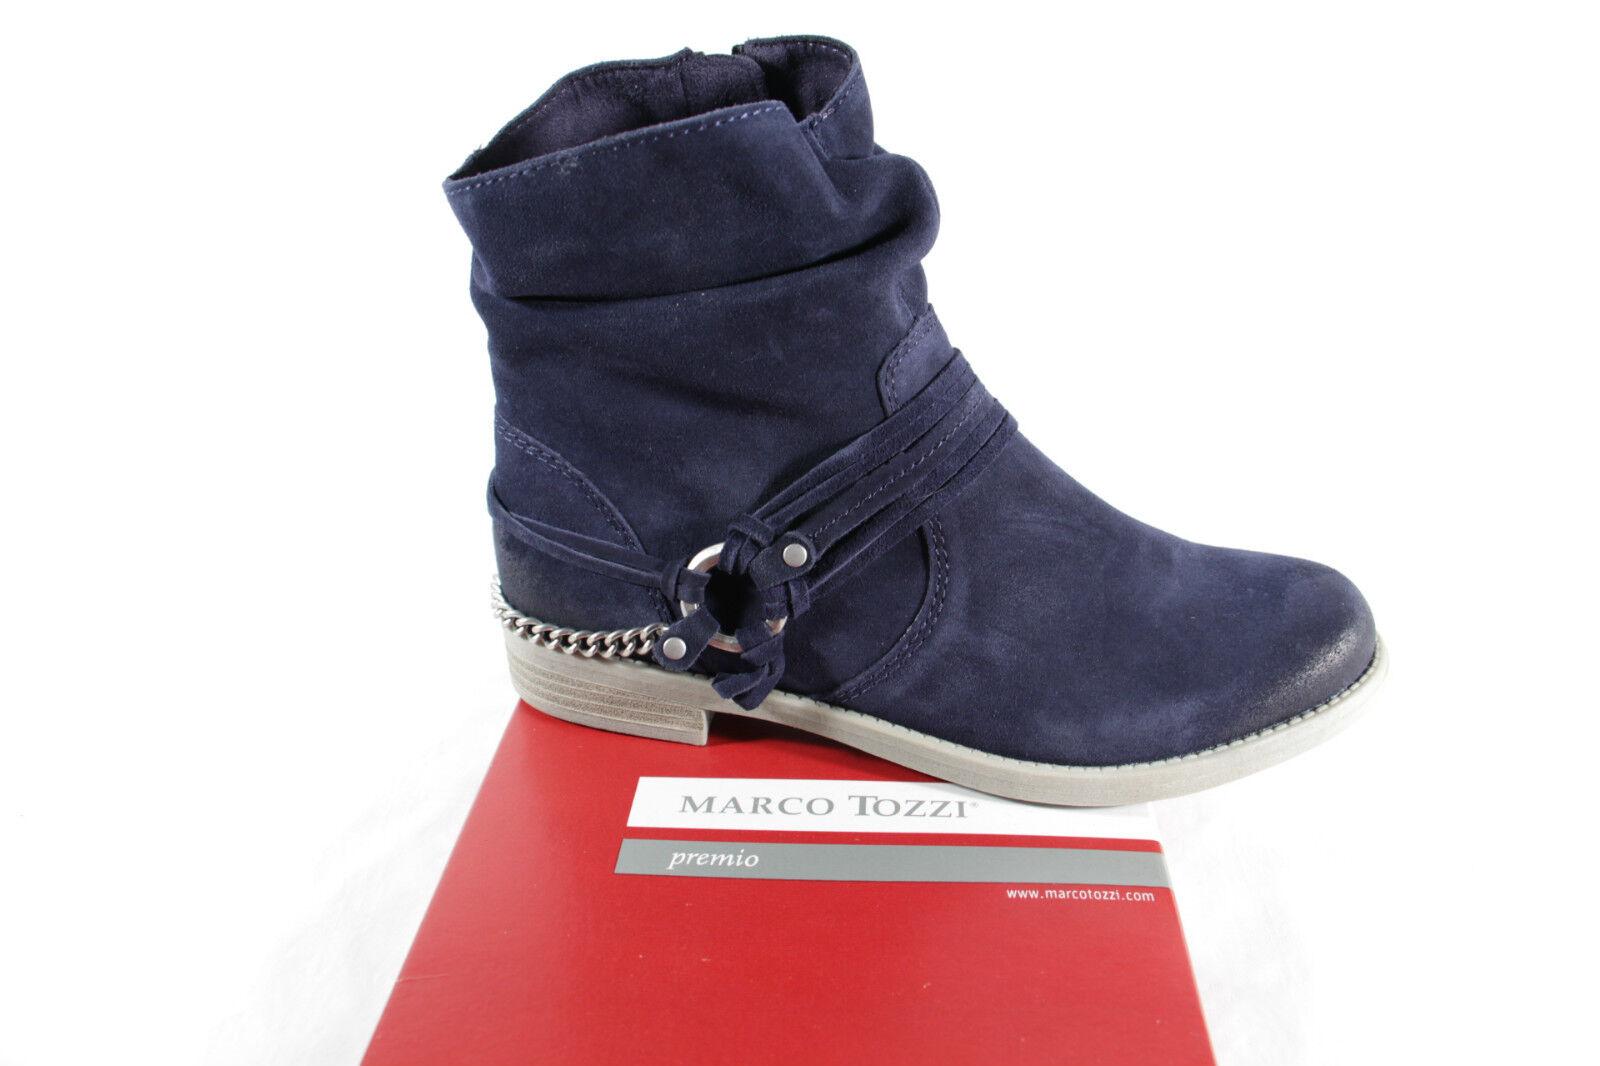 MARCO TOZZI Ankle stivali Leather, blu, 25317 RV NUOVO   molto popolare